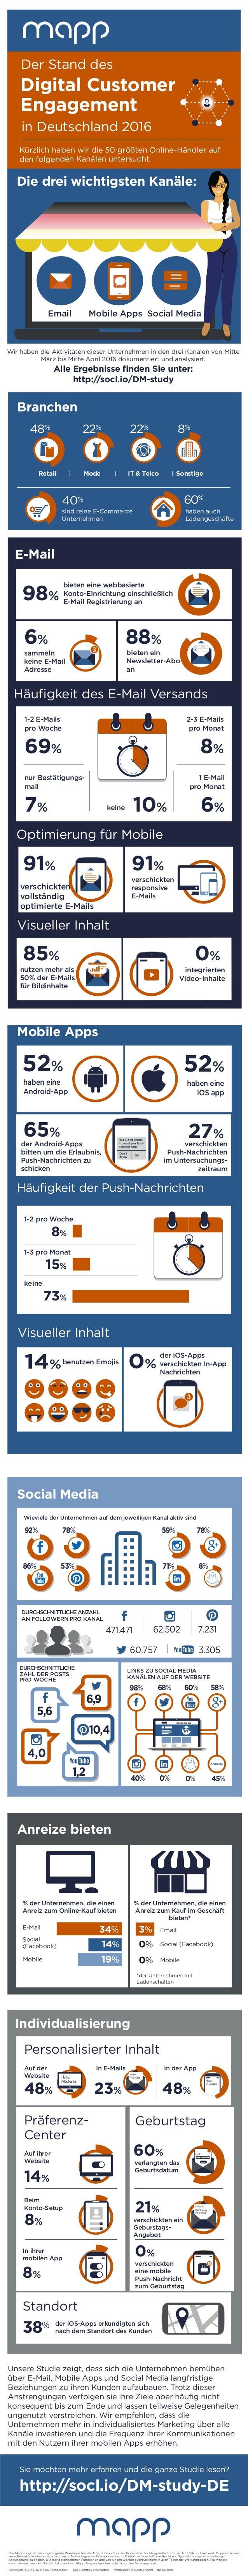 73% Kürzlich haben wir die 50 größten Online-Händler auf den folgenden Kanälen untersucht. Digital Customer Engagement Wir...